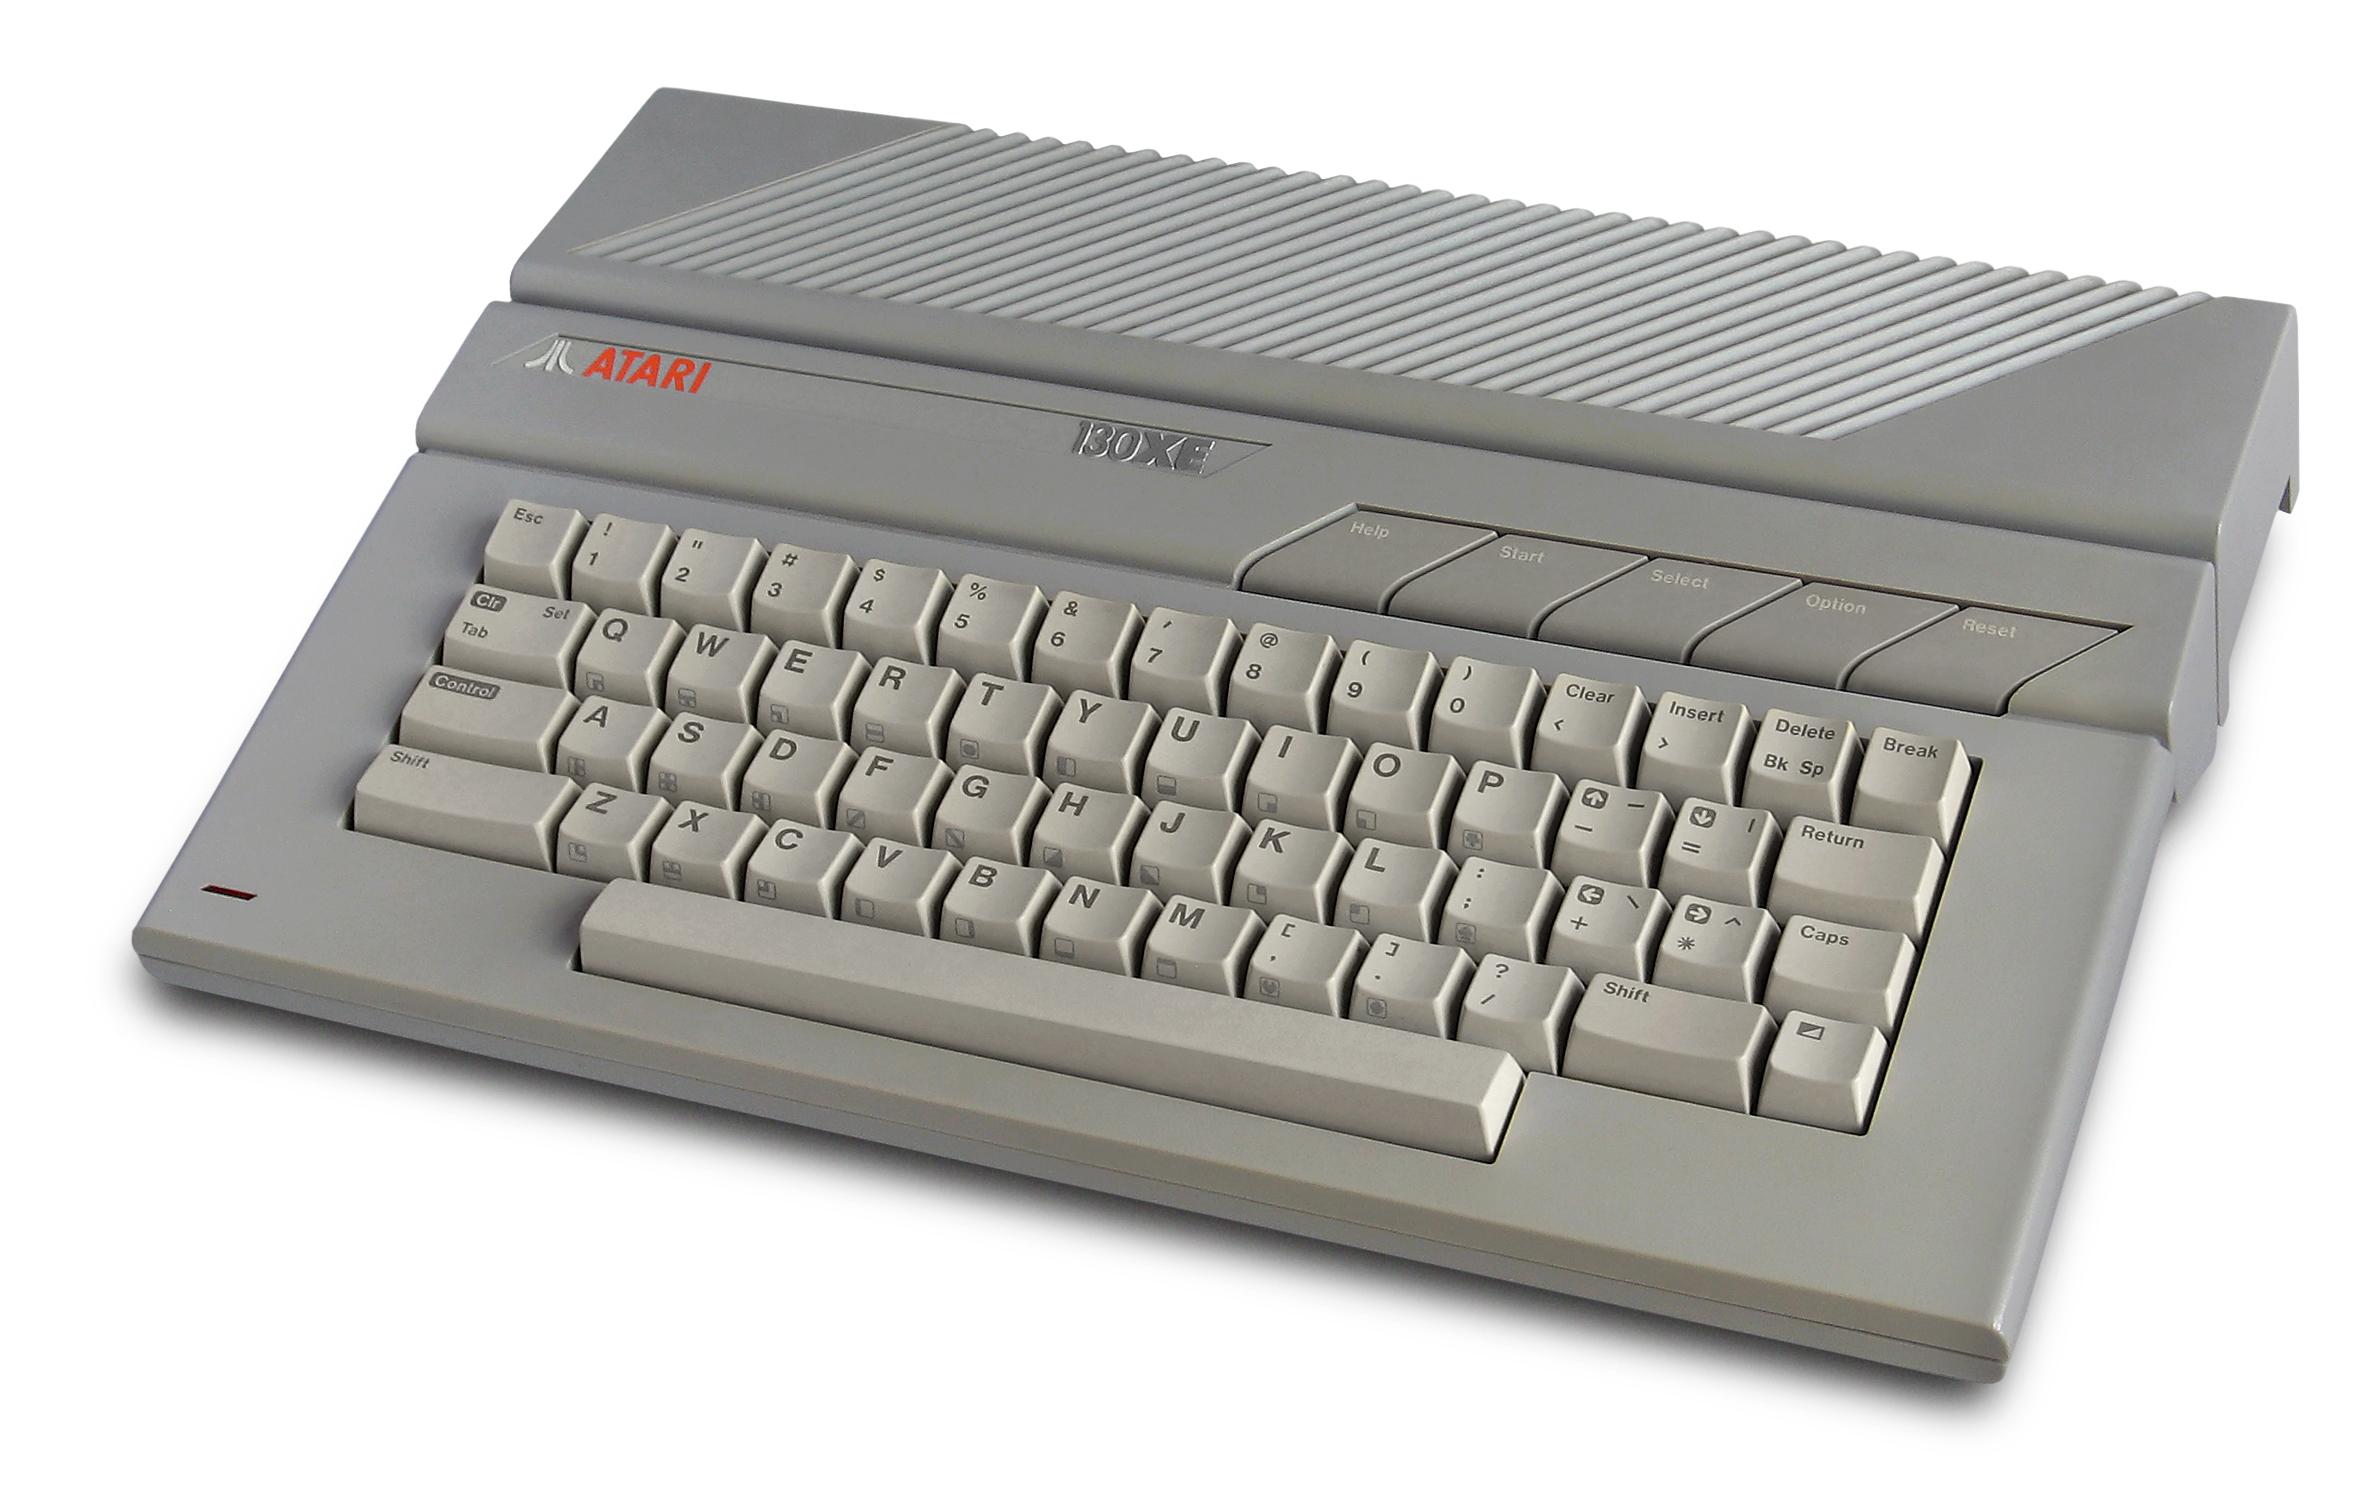 Atari_130XE